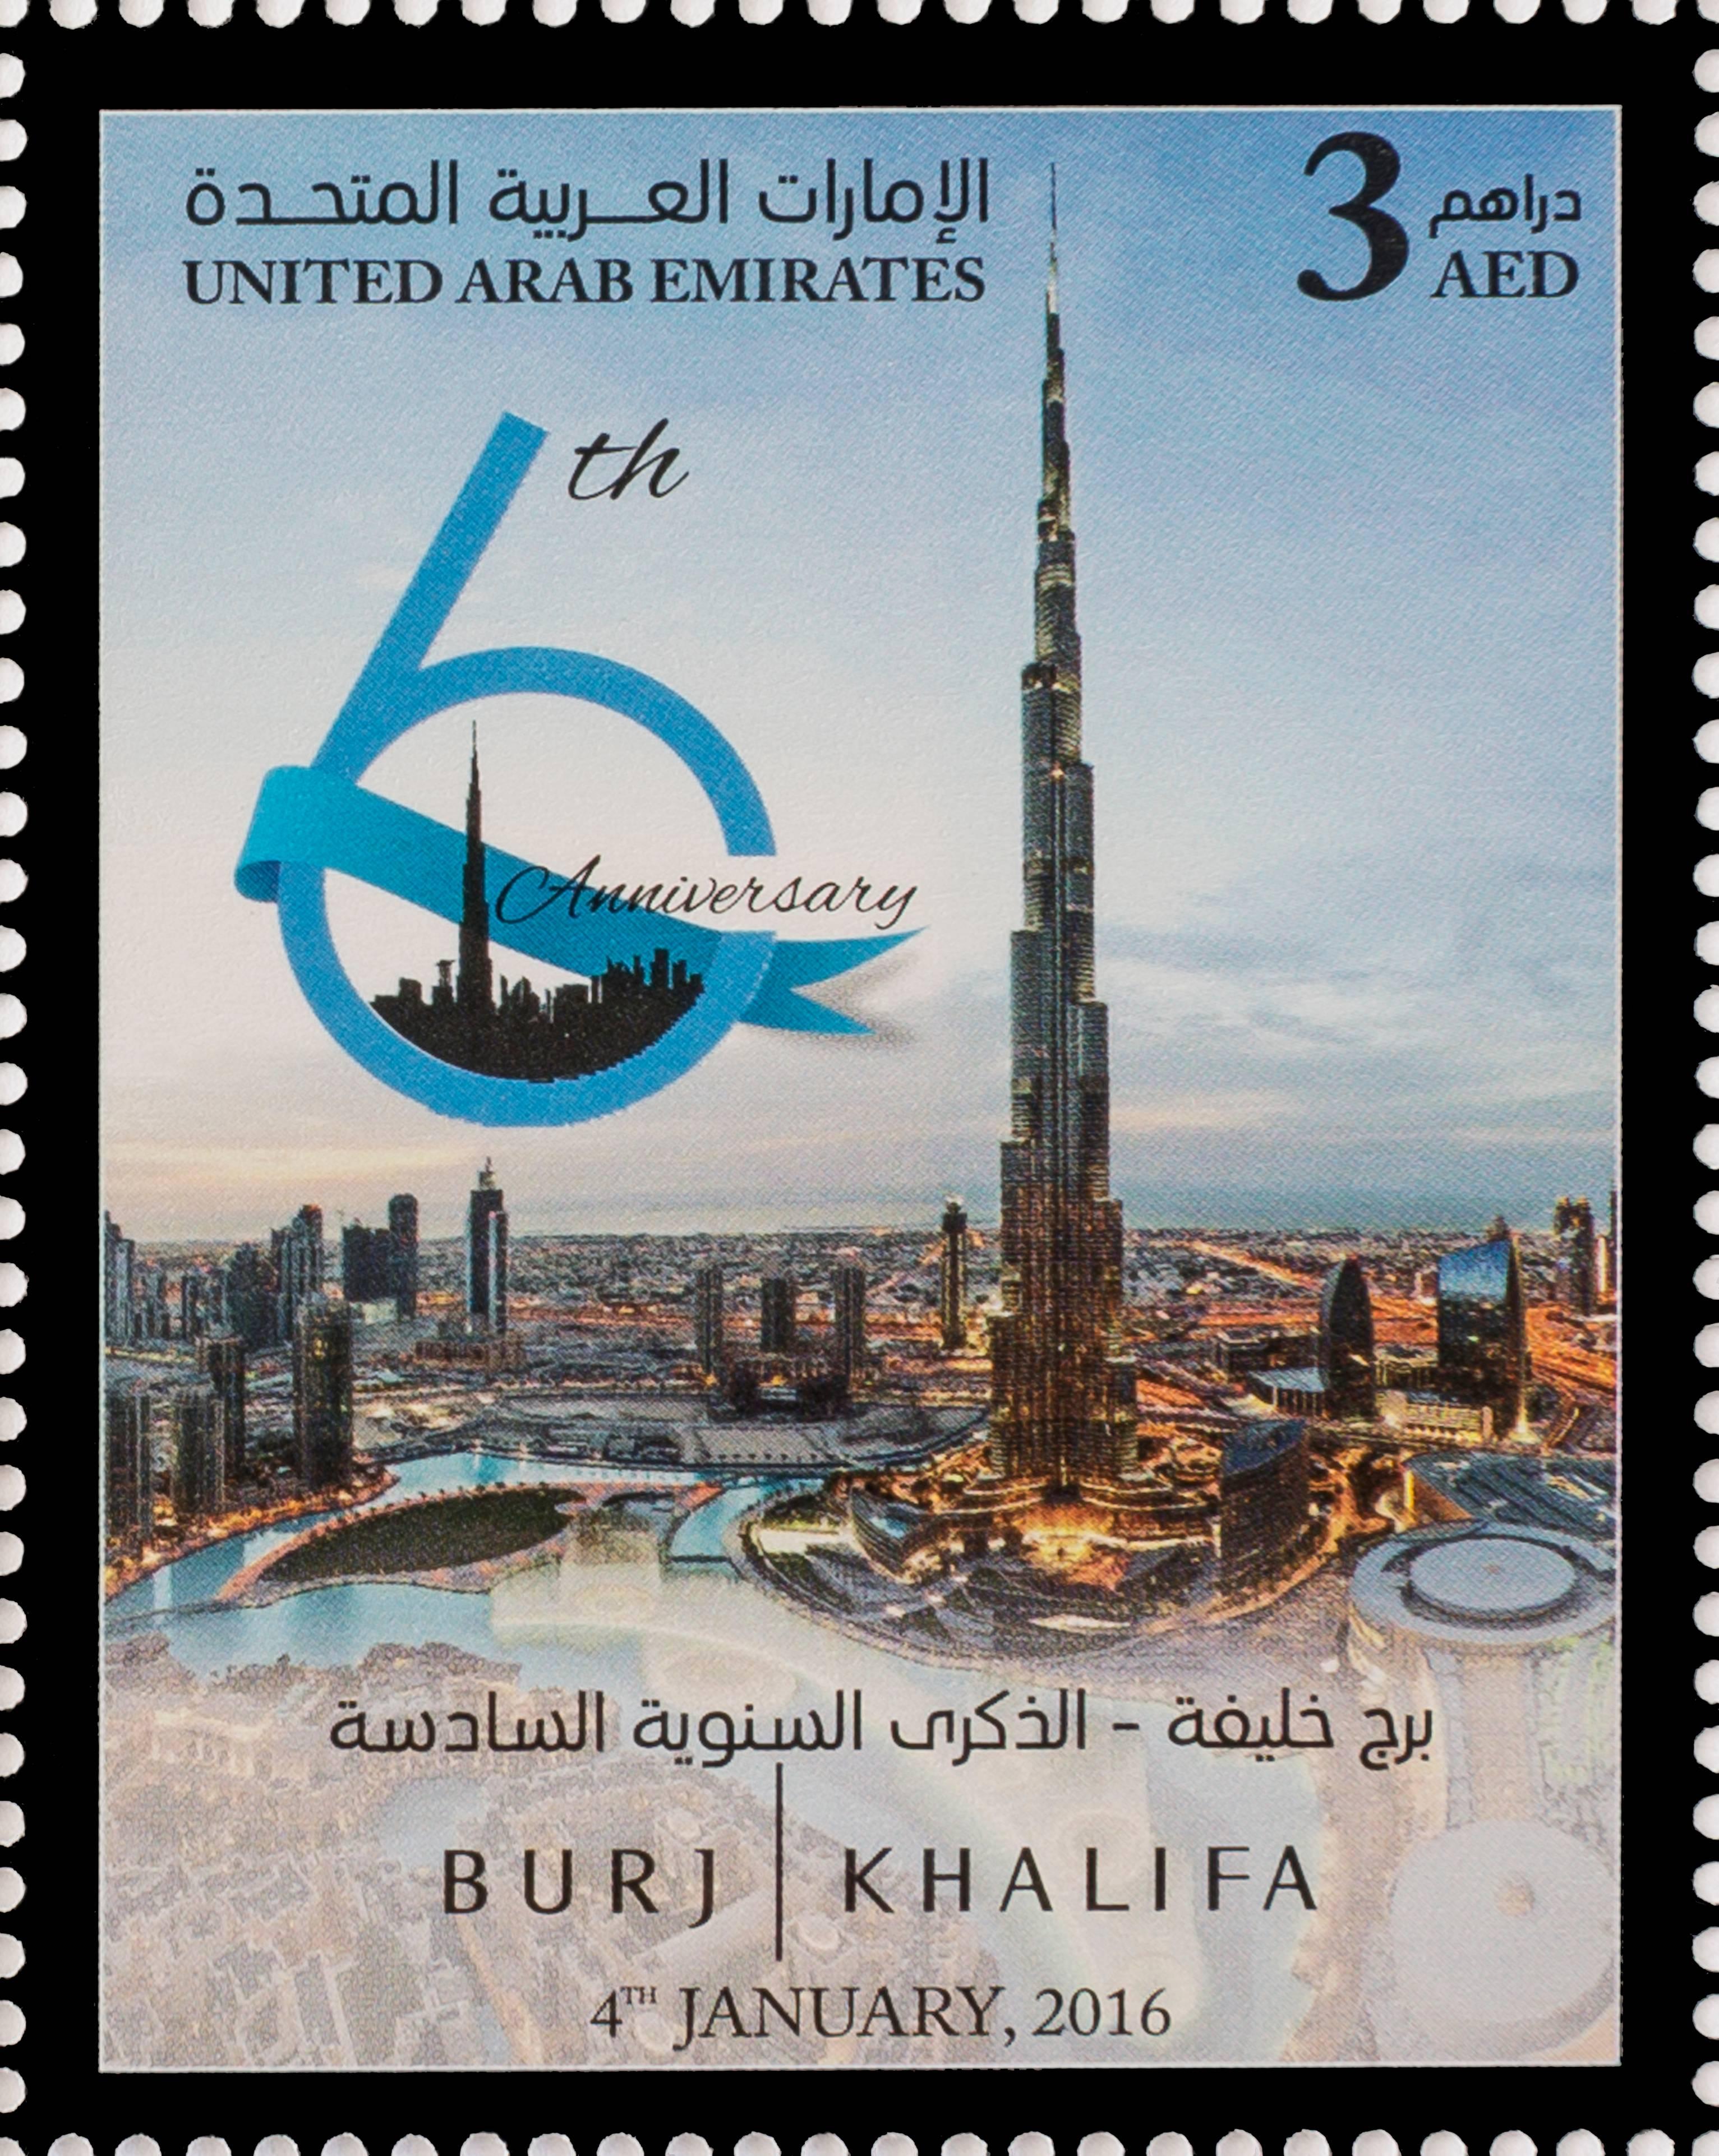 Burj Khalifa Stamp.jpg